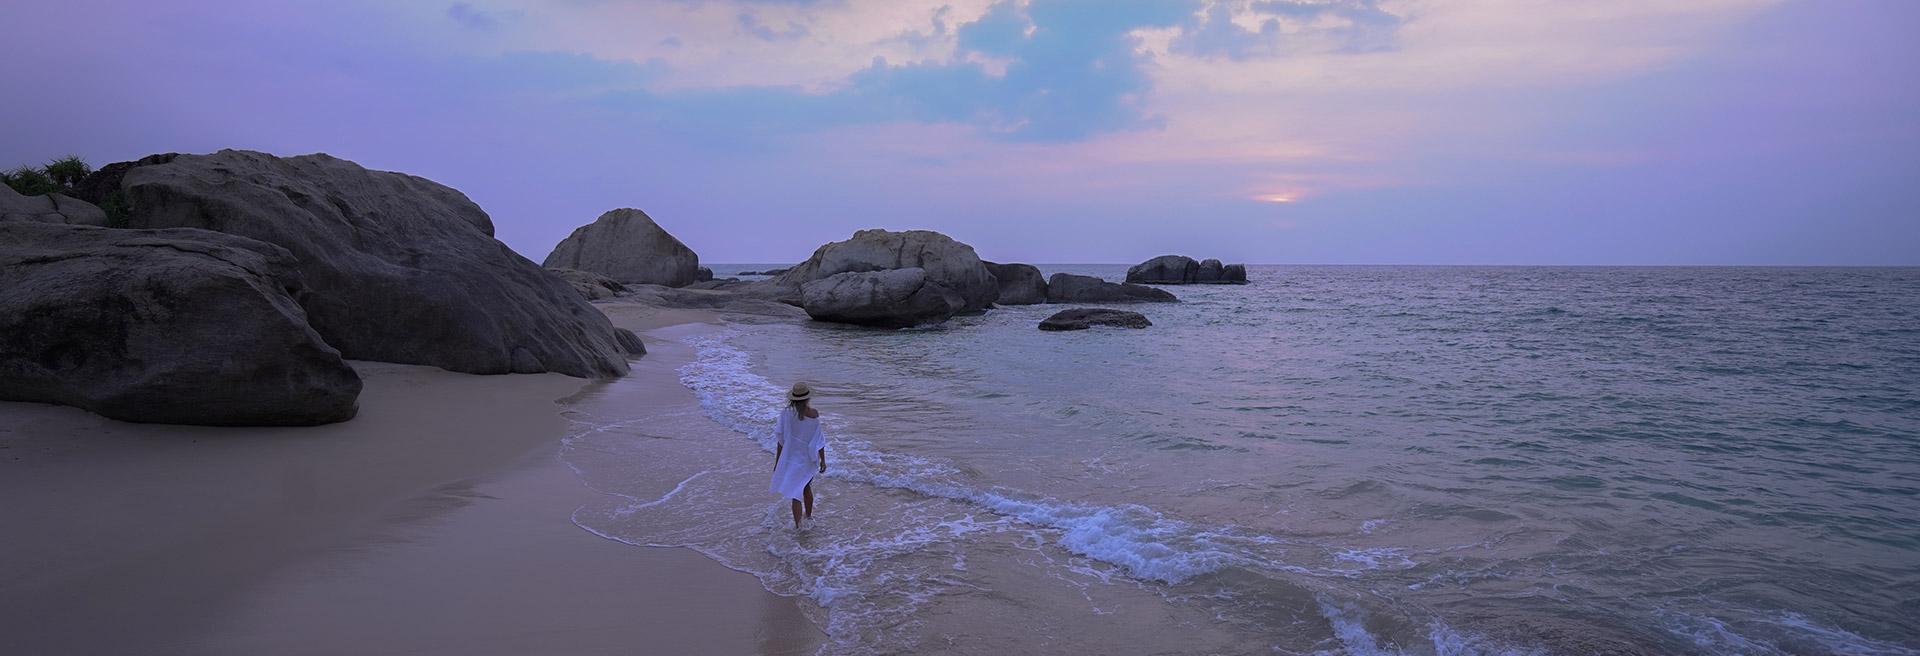 Walk on the beach at Dusk